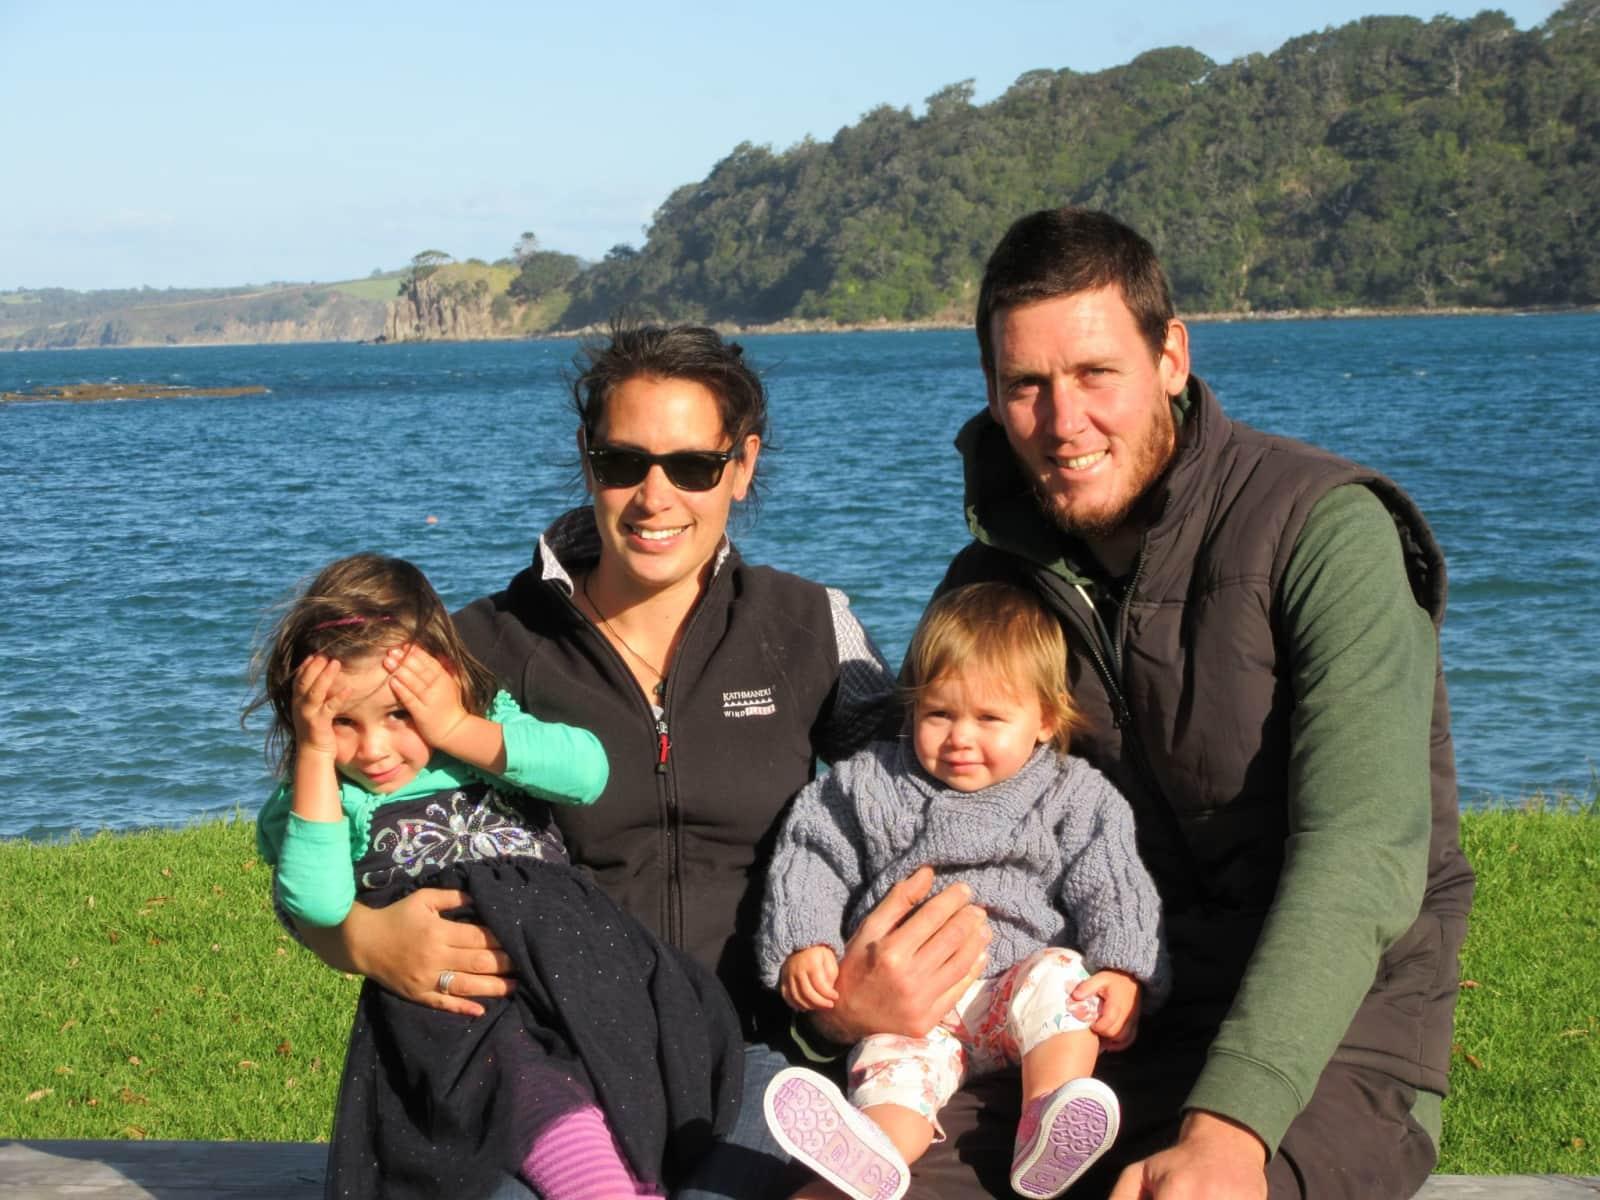 Mark & Jenna from Matamata, New Zealand